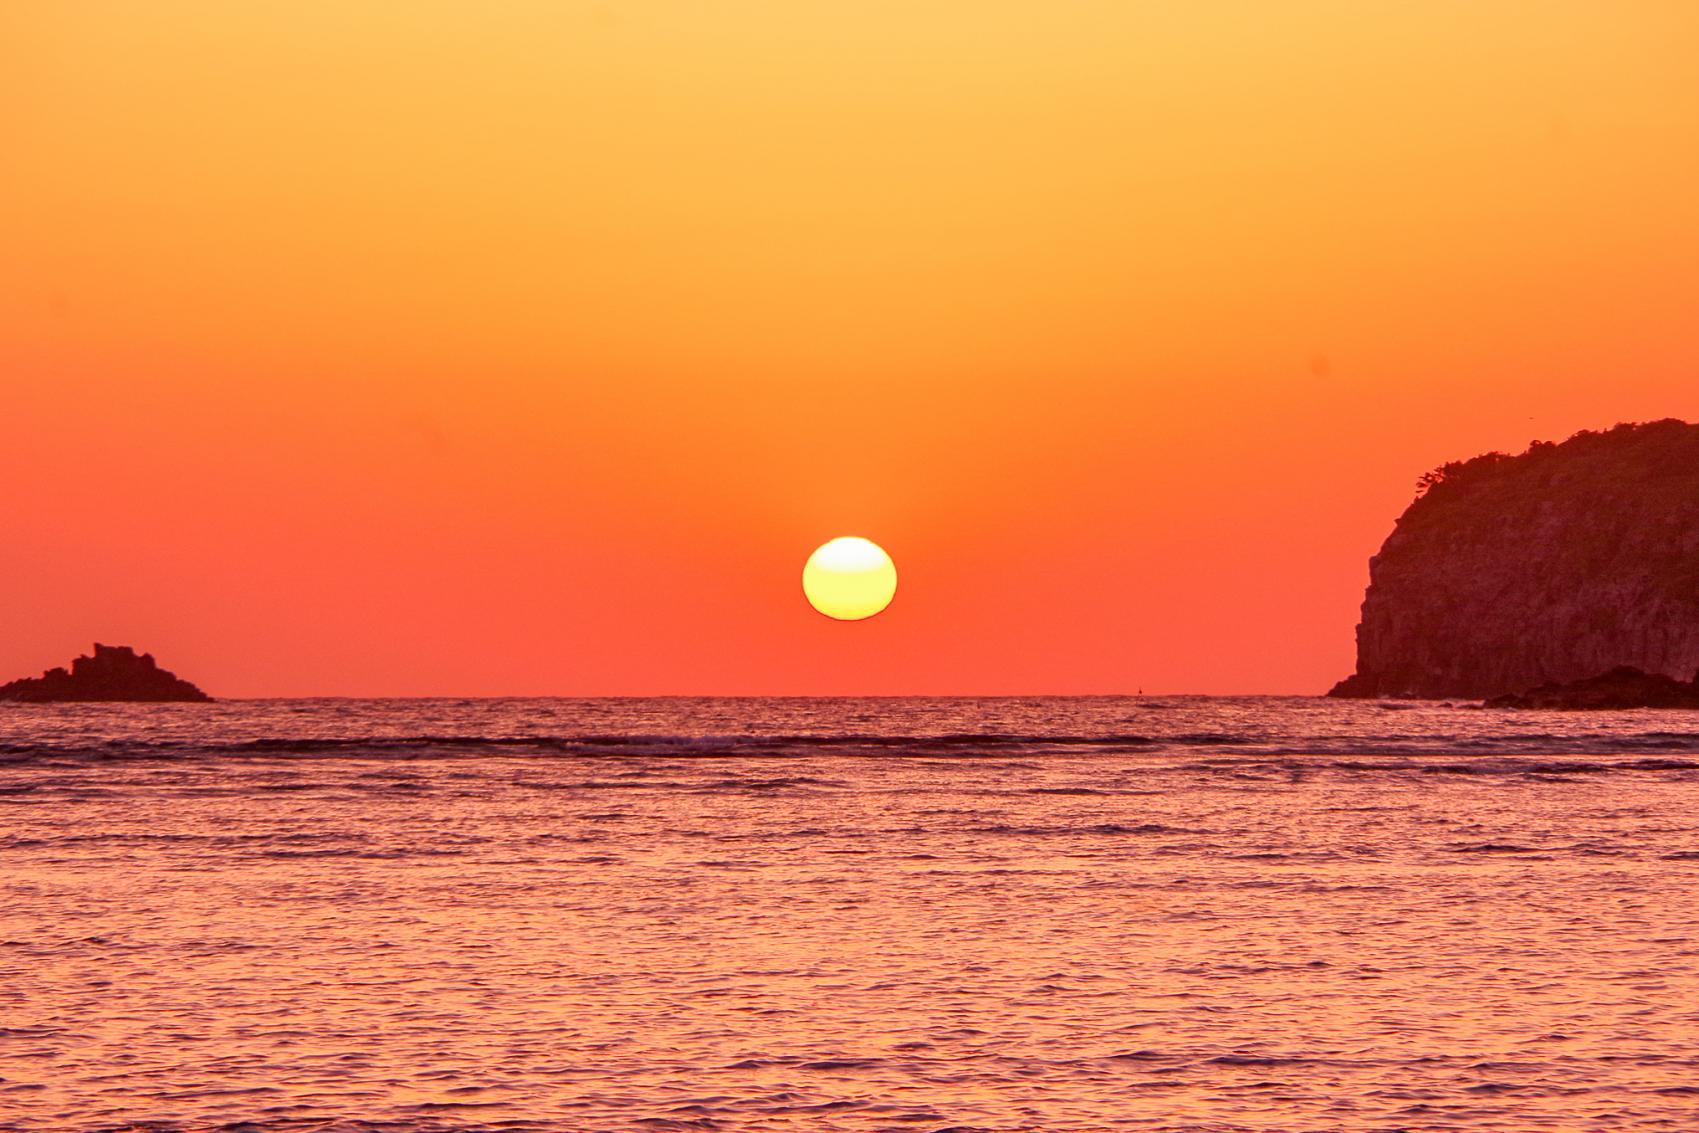 ロマンチックな夕日を見るなら「里浜海水浴場」-0